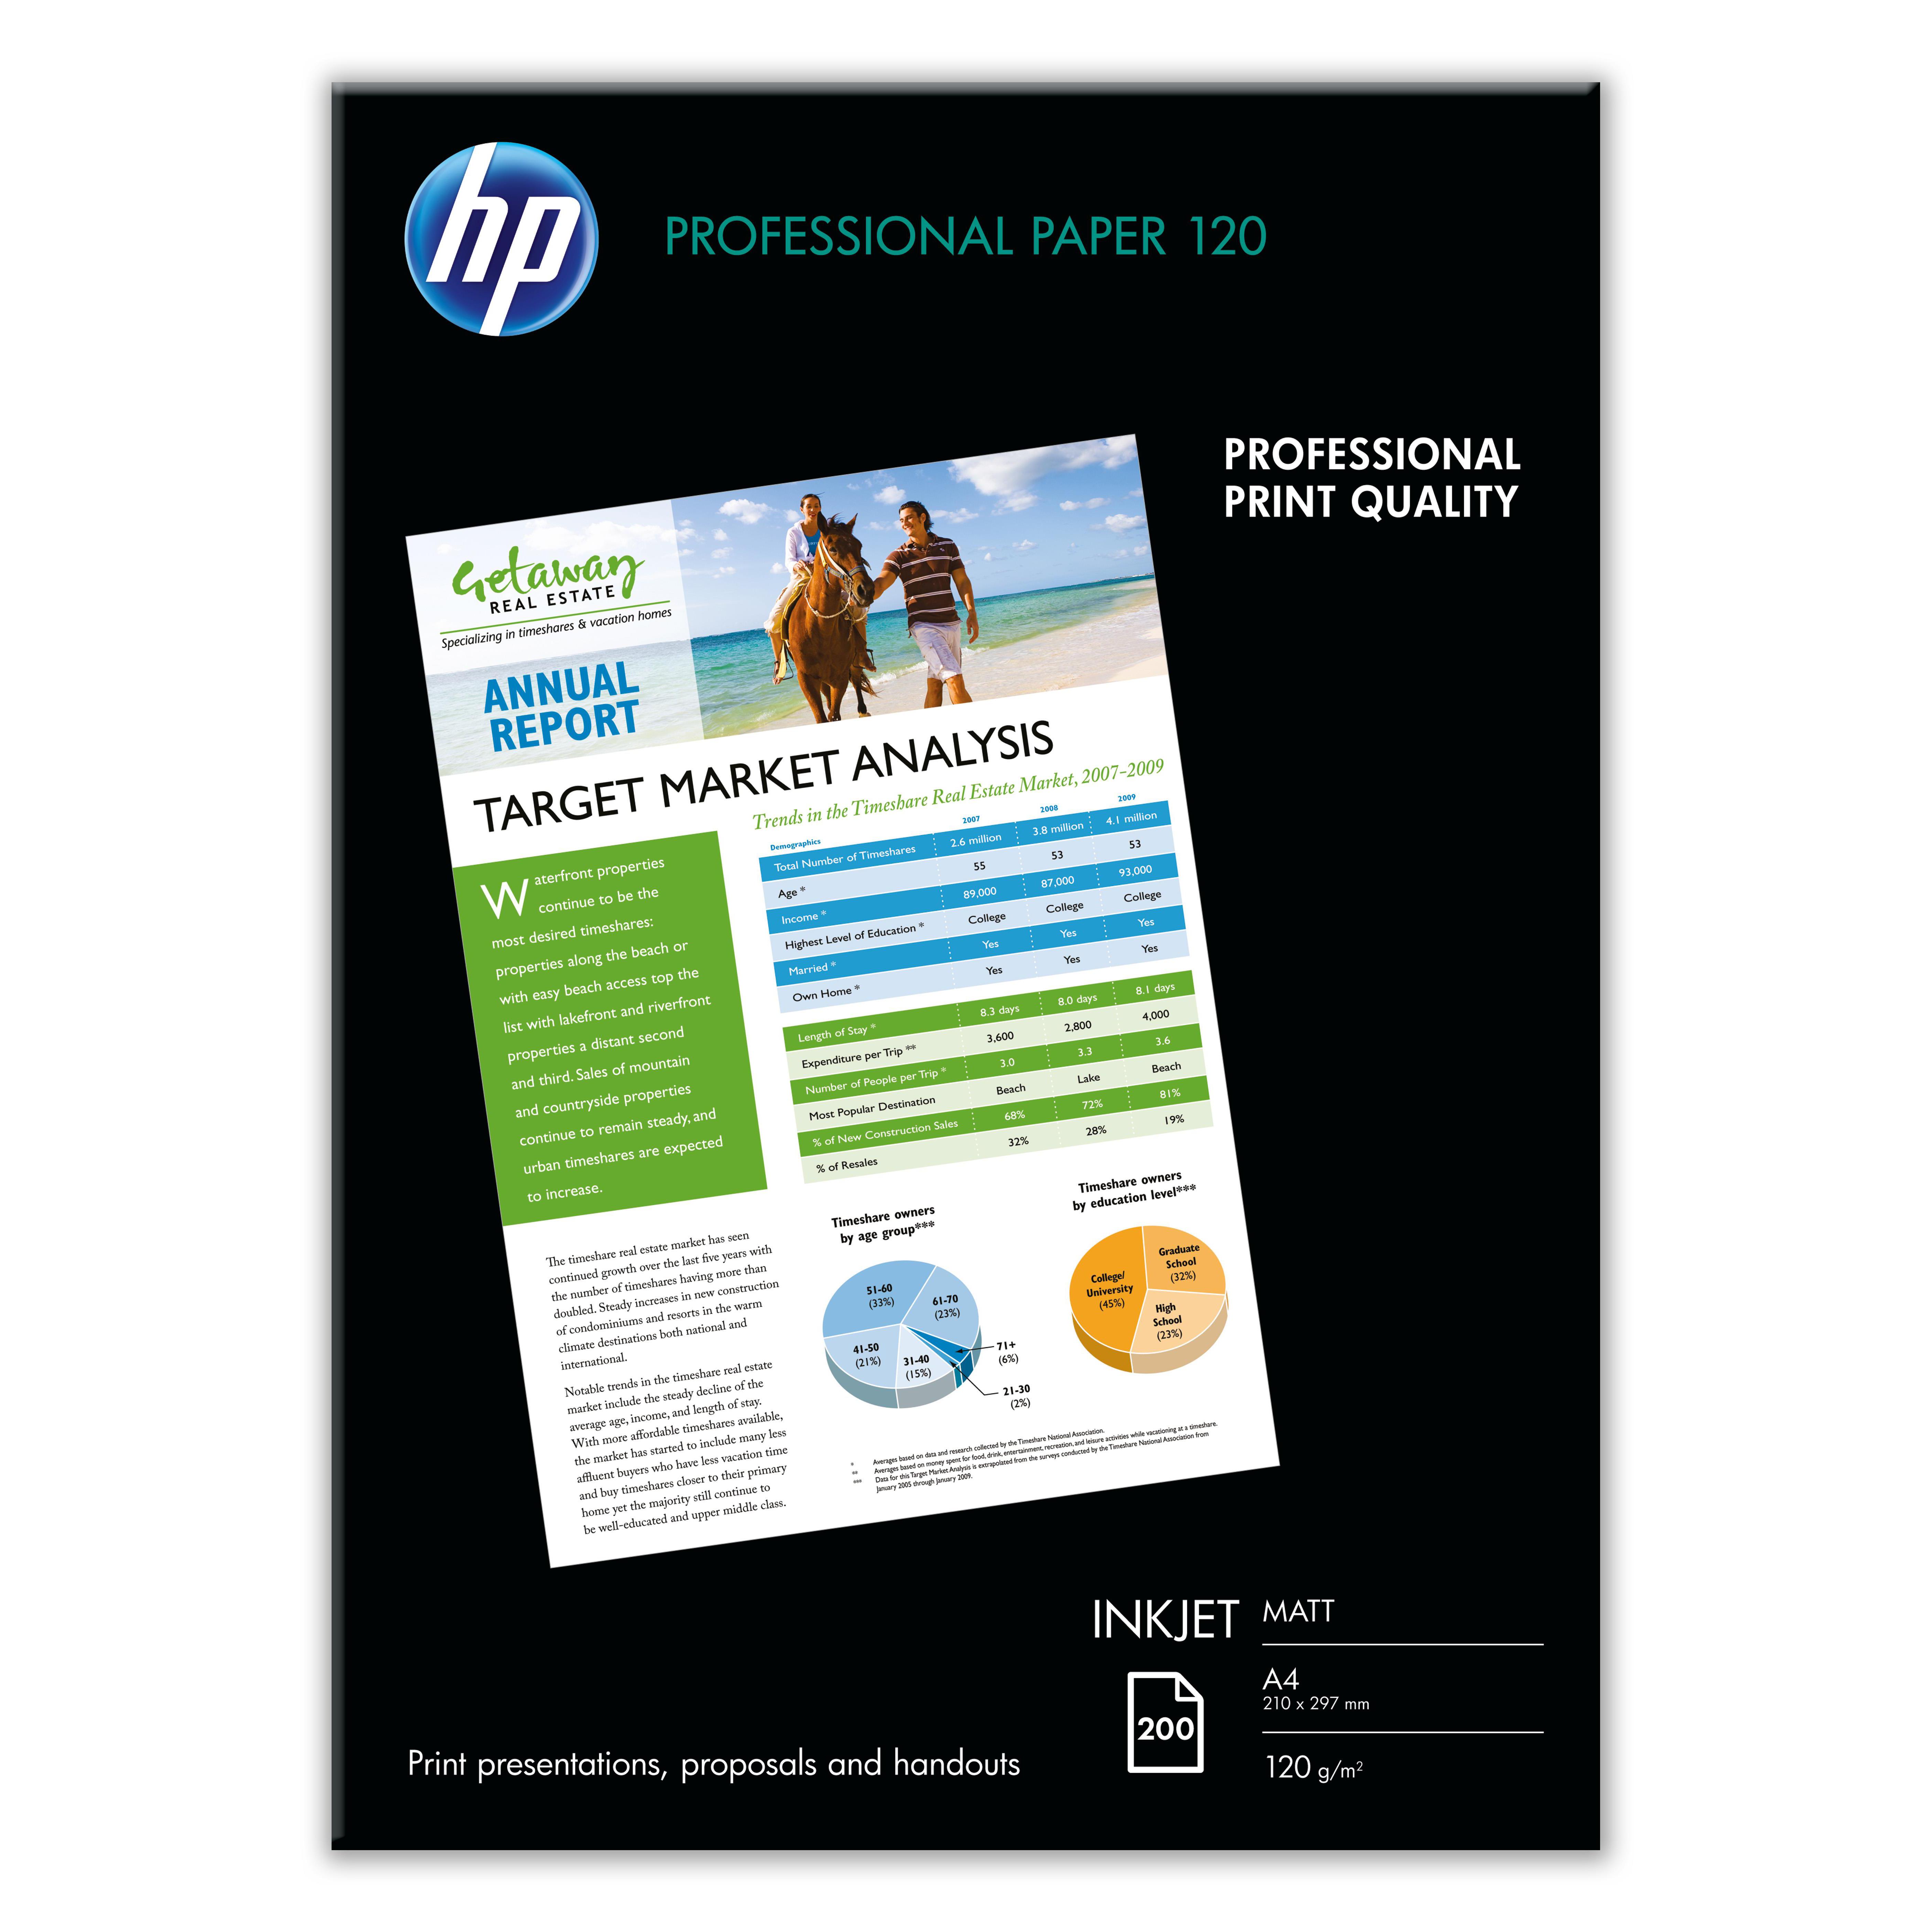 Hewlett Packard [HP] Professional Inkjet Paper Matt 120gsm A4 Ref Q6593A [200 Sheets]